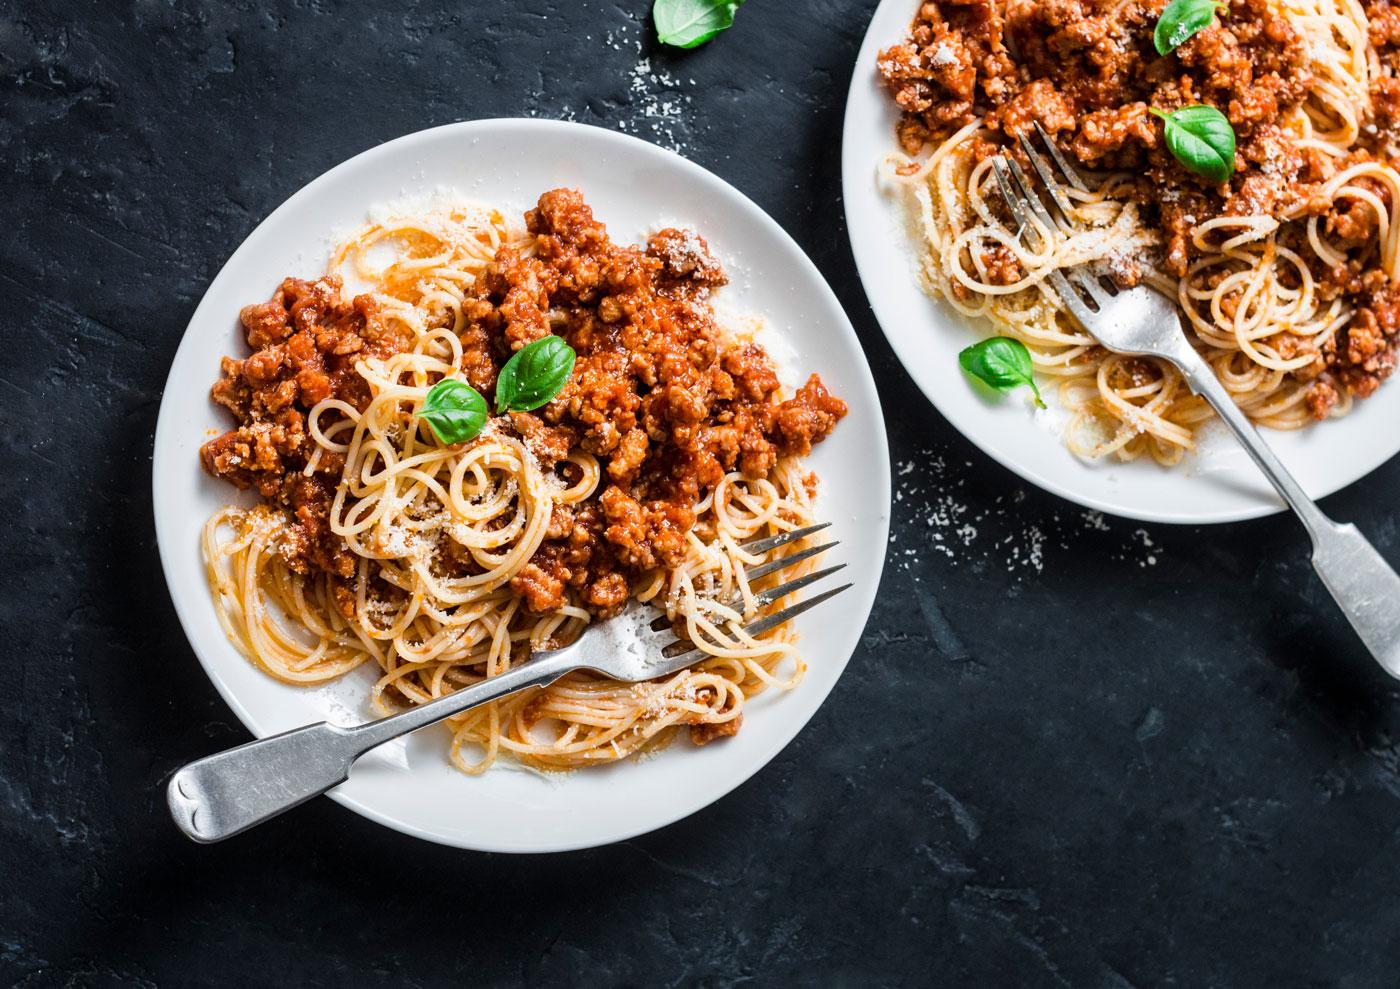 Zwei Teller mit selbstgekochter vegetarischer Bolognese.